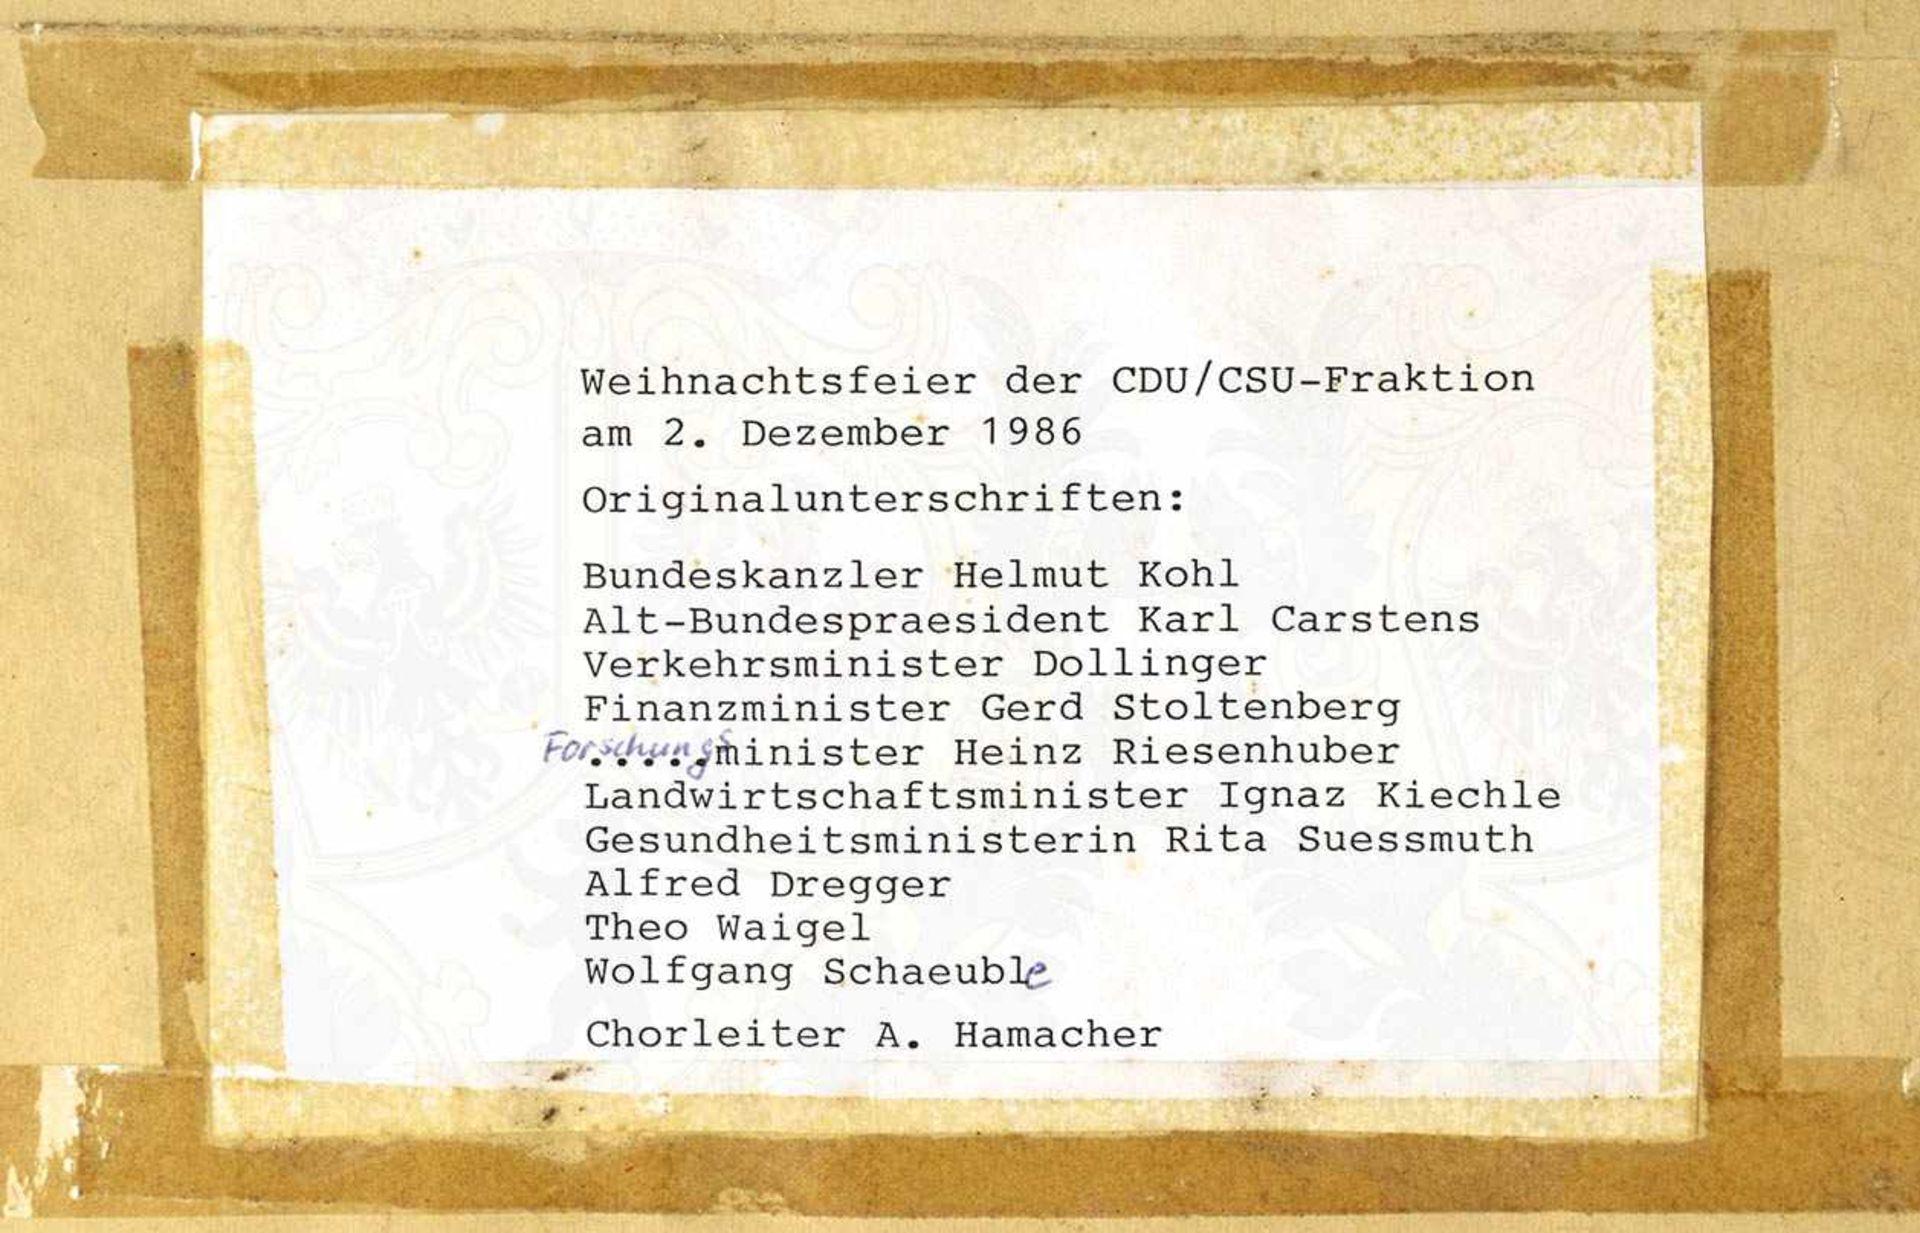 11 ORIGINAL-UNTERSCHRIFTEN von Politikern der CDU/CSU-Bundestagsfraktion auf einem Notenblatt zum - Bild 4 aus 4